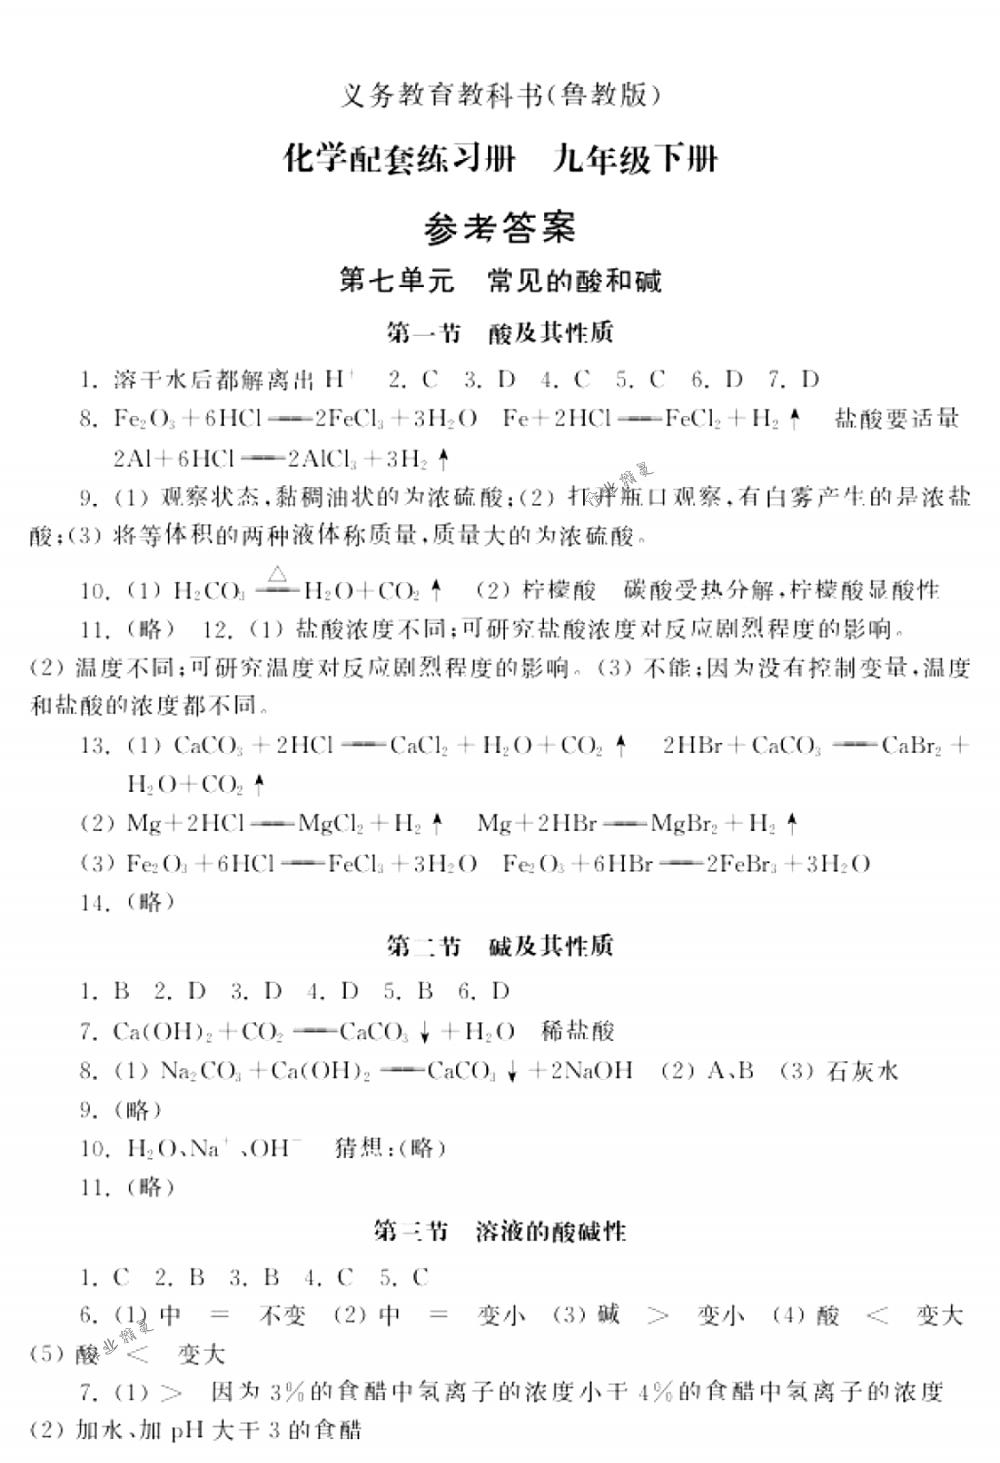 2018年配套练习册山东教育出版社九年级化学下册鲁教版第1页